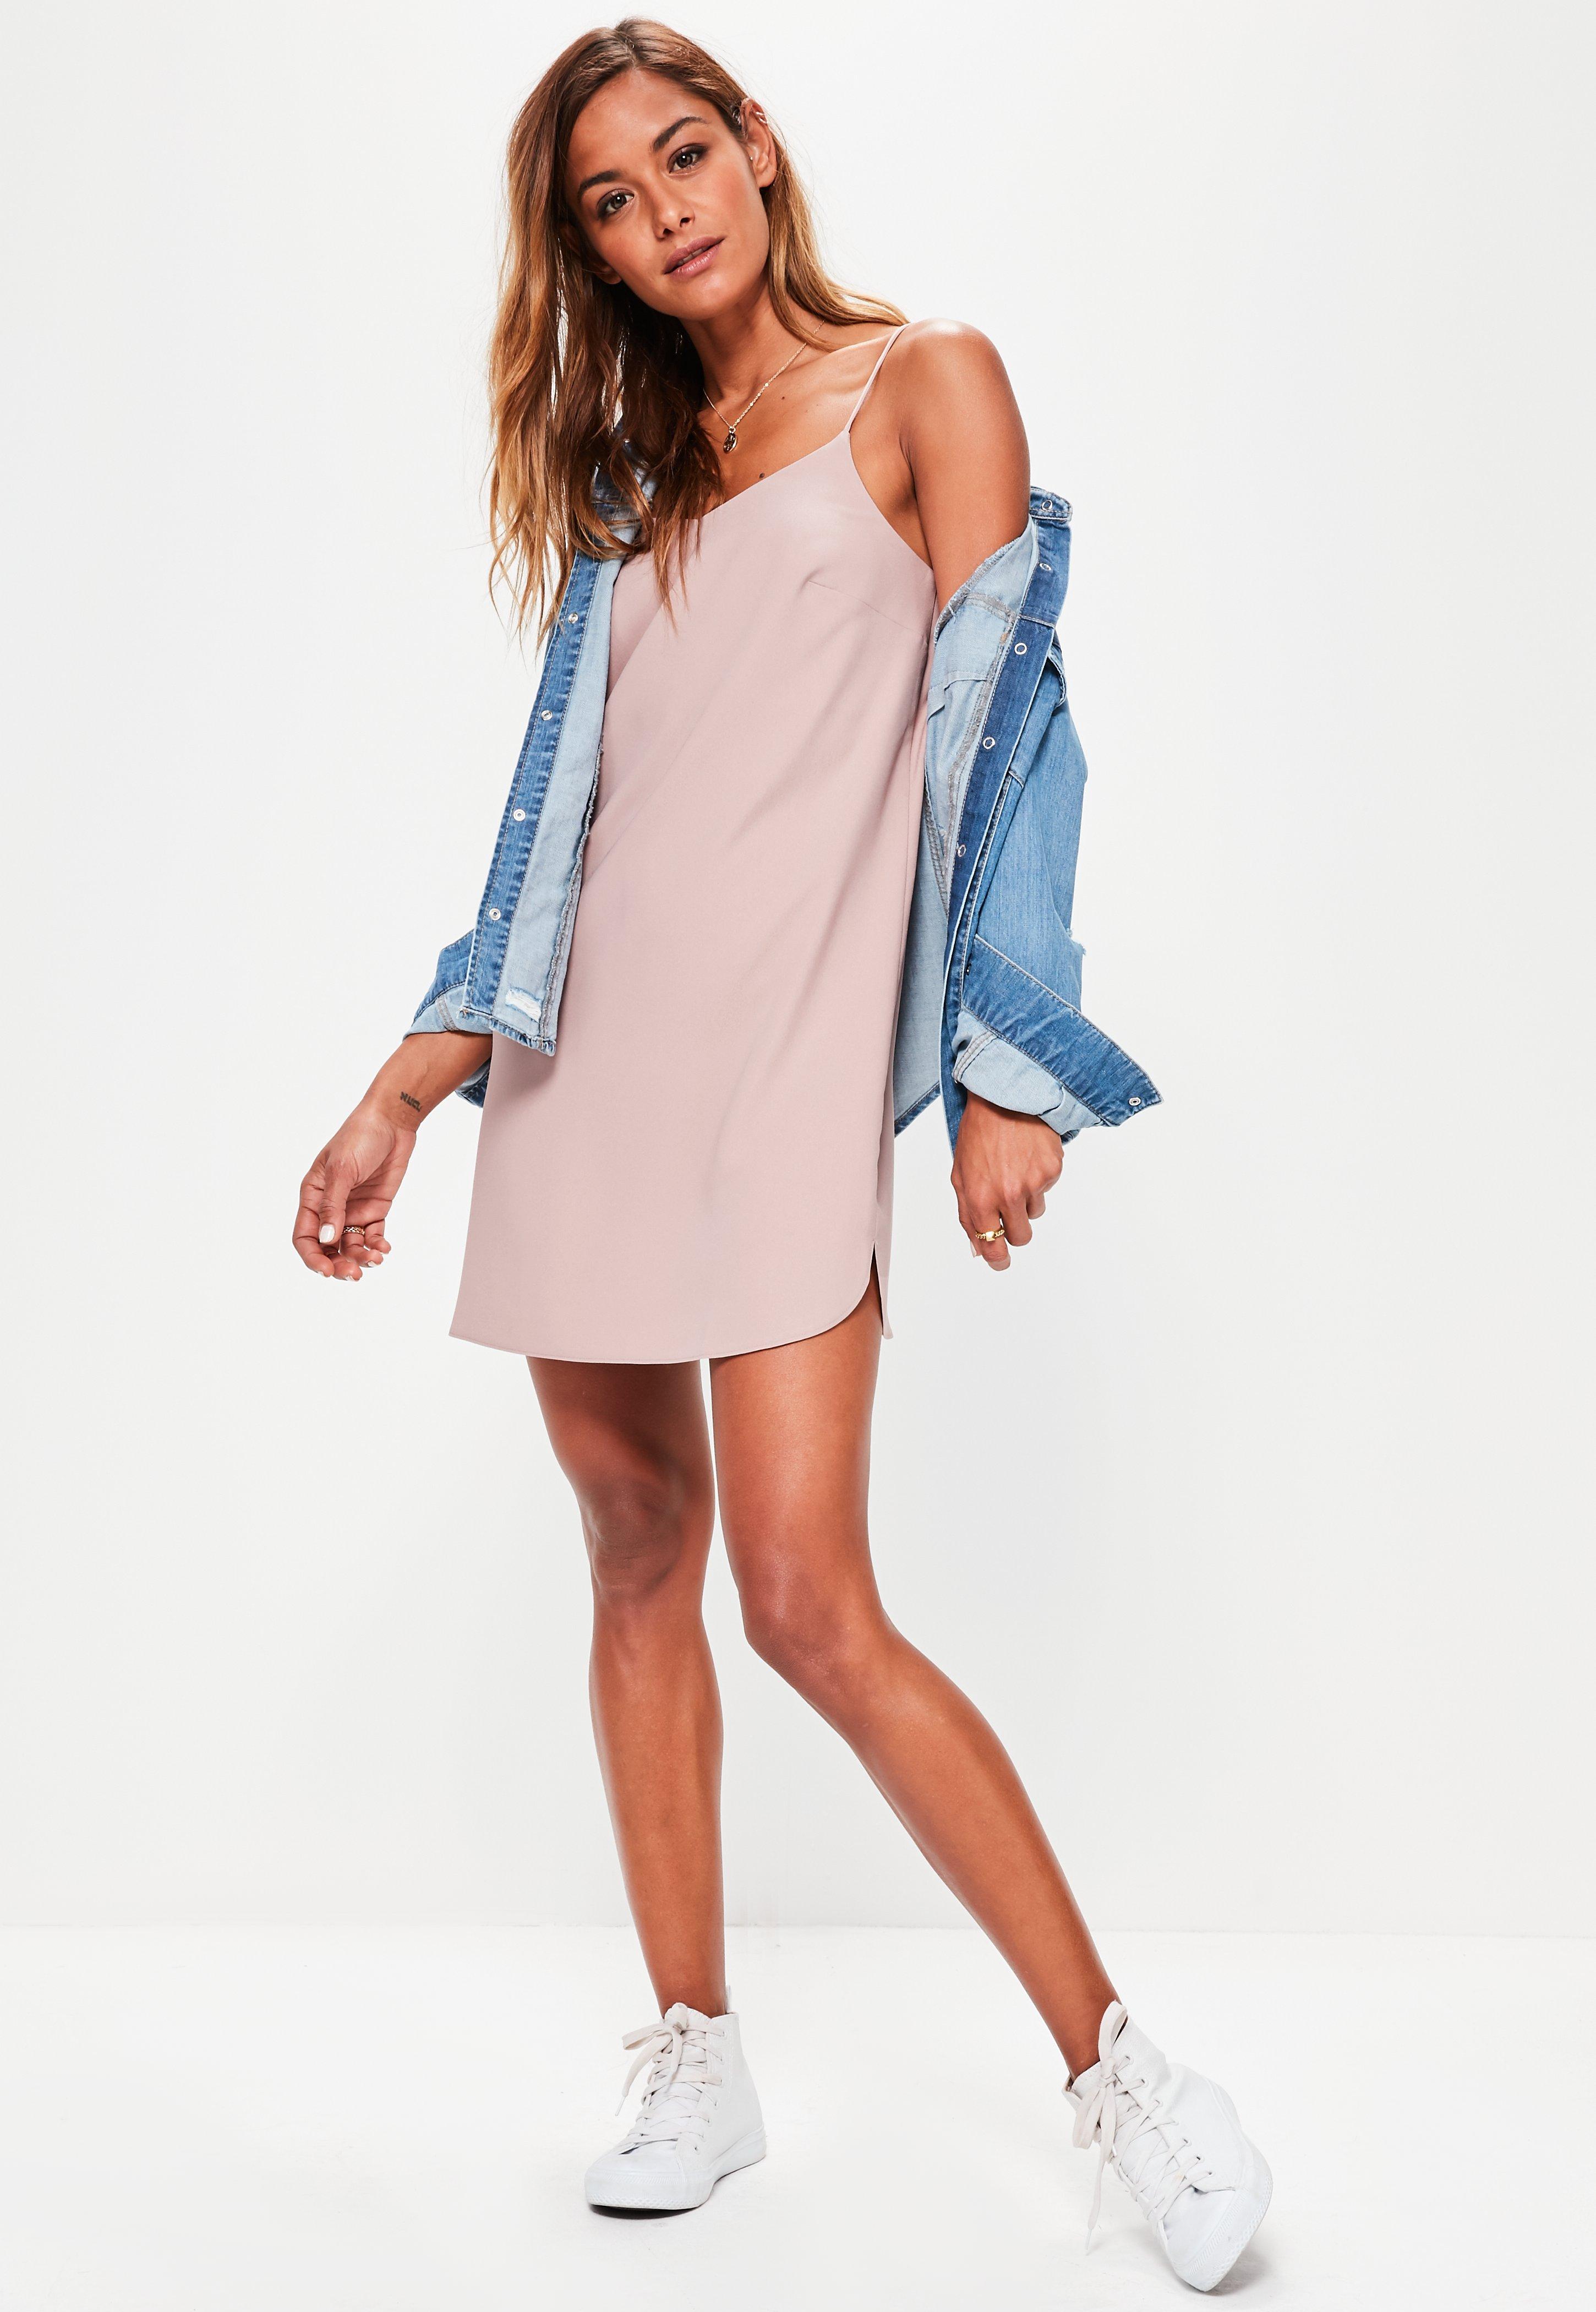 Kleider in Petite-Größe - Bekleidung in Petite-Größe - Missguided DE